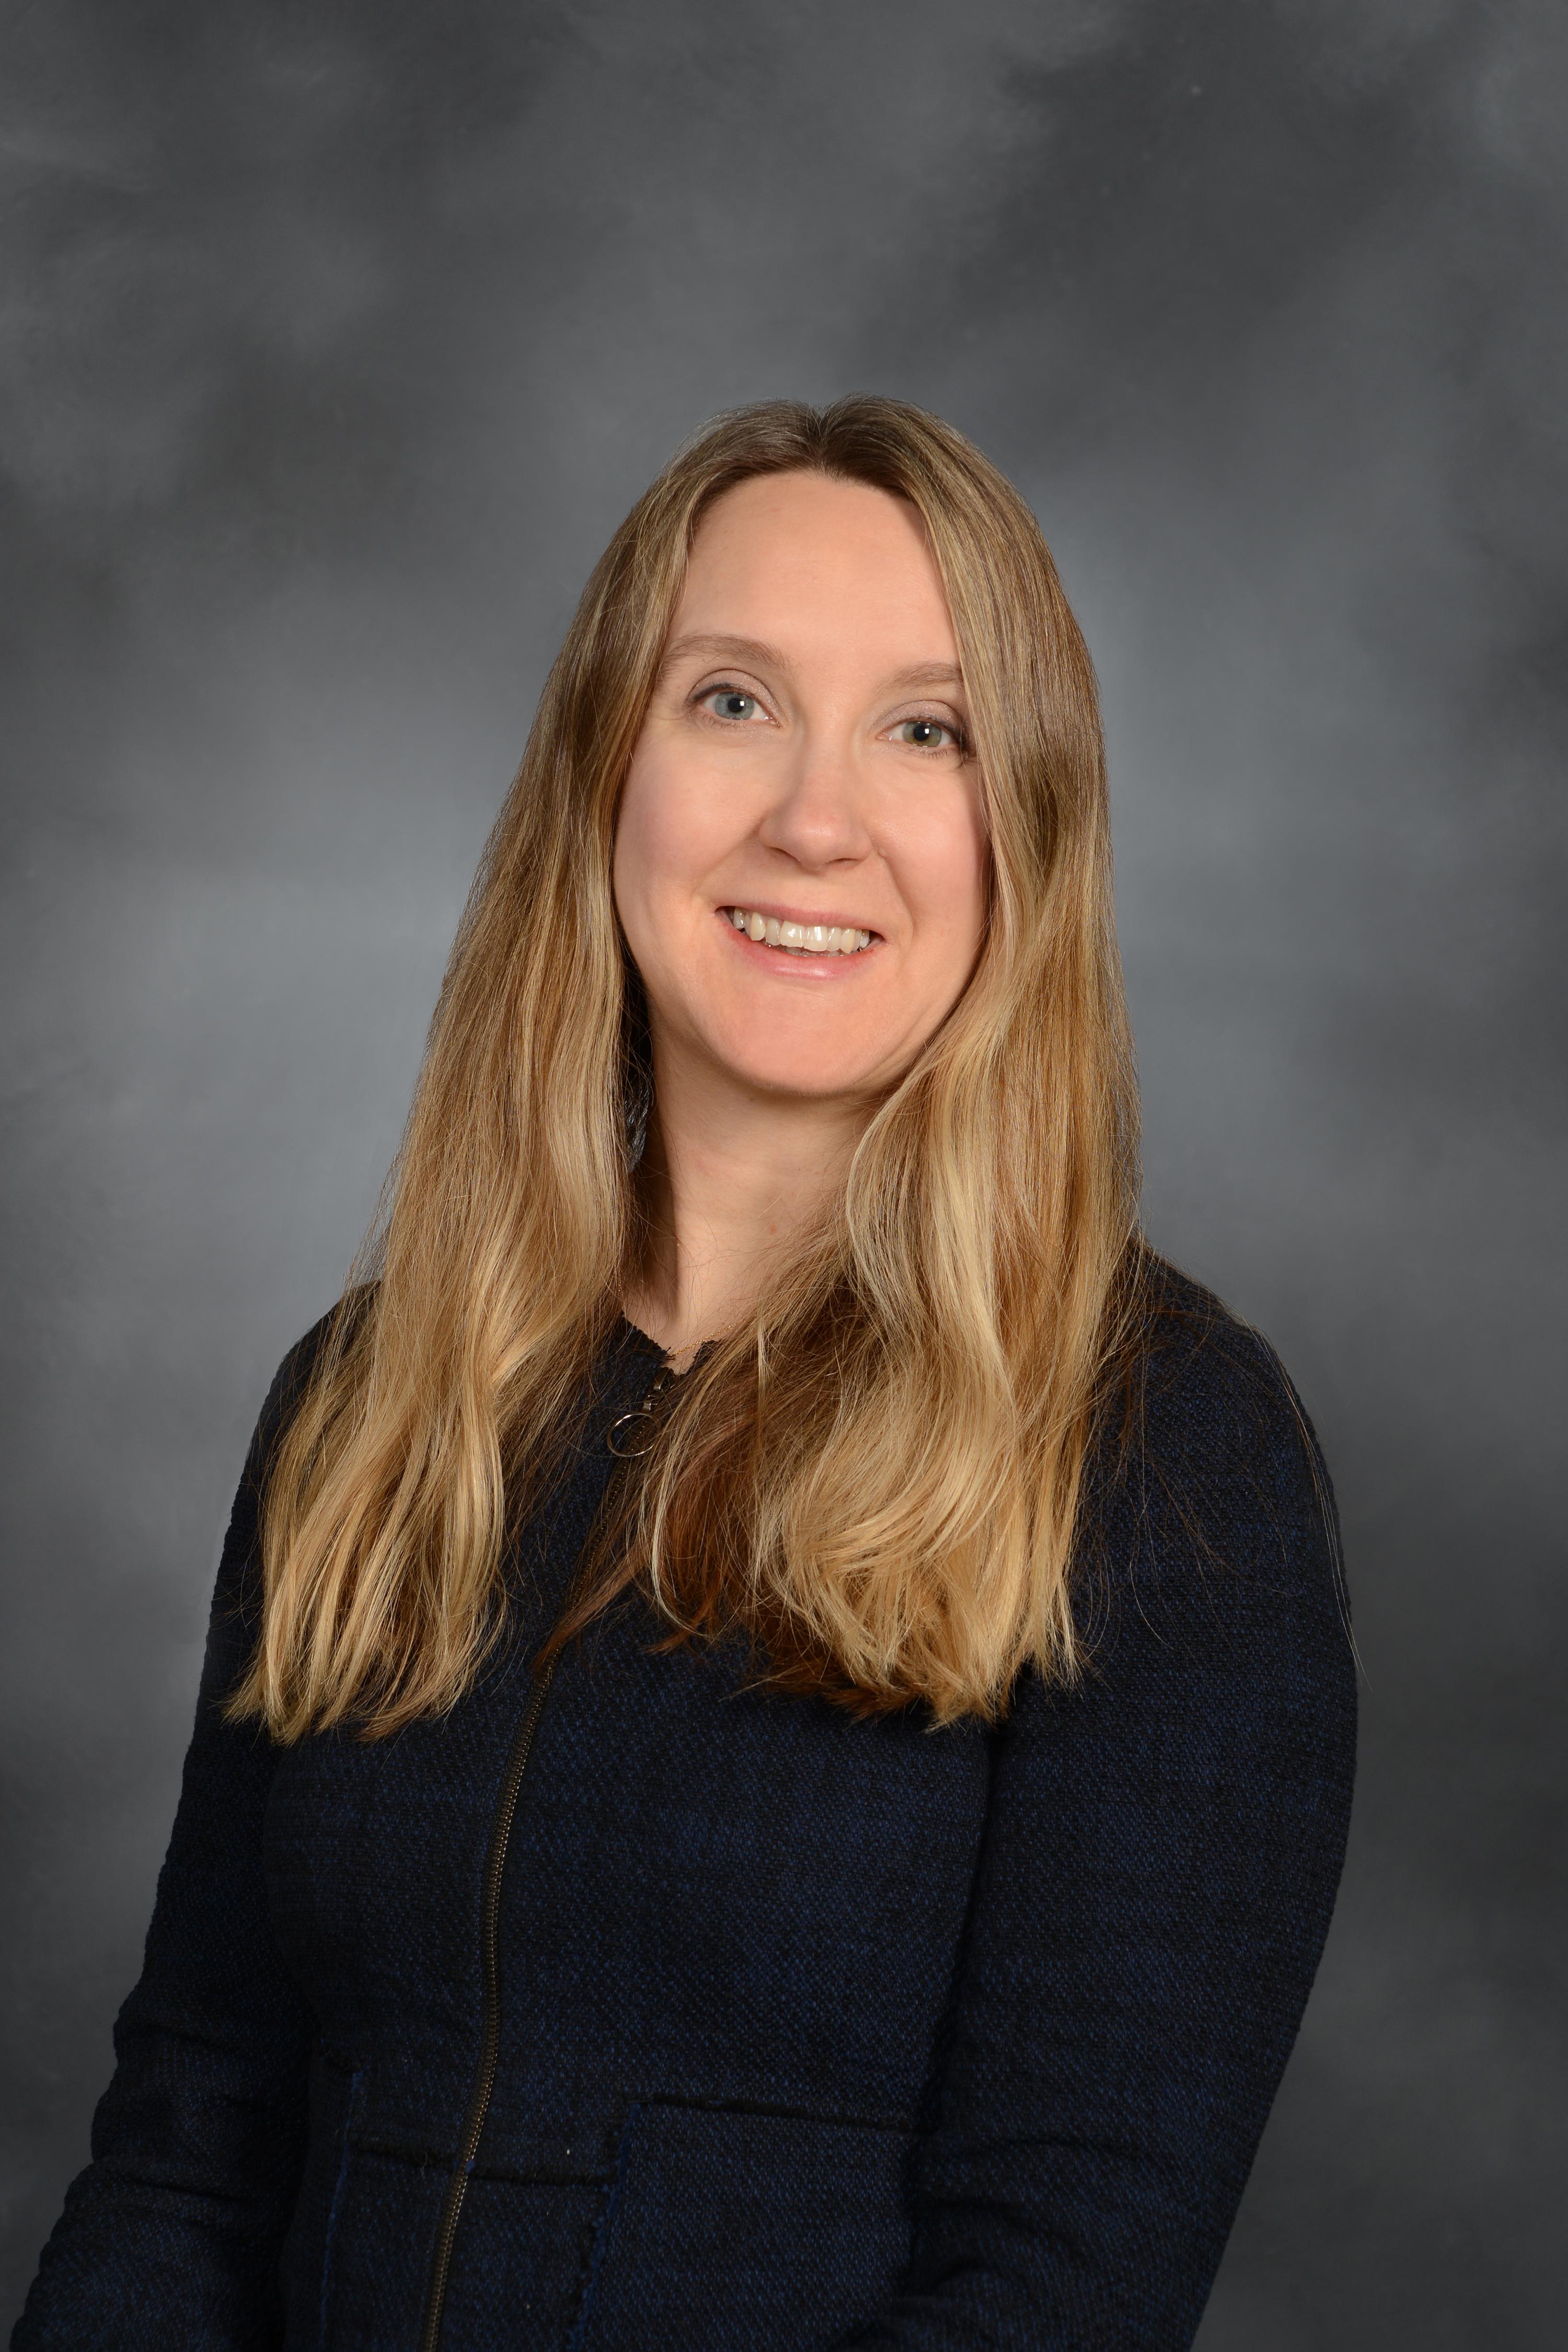 Dr. Elizabeth Fiorino